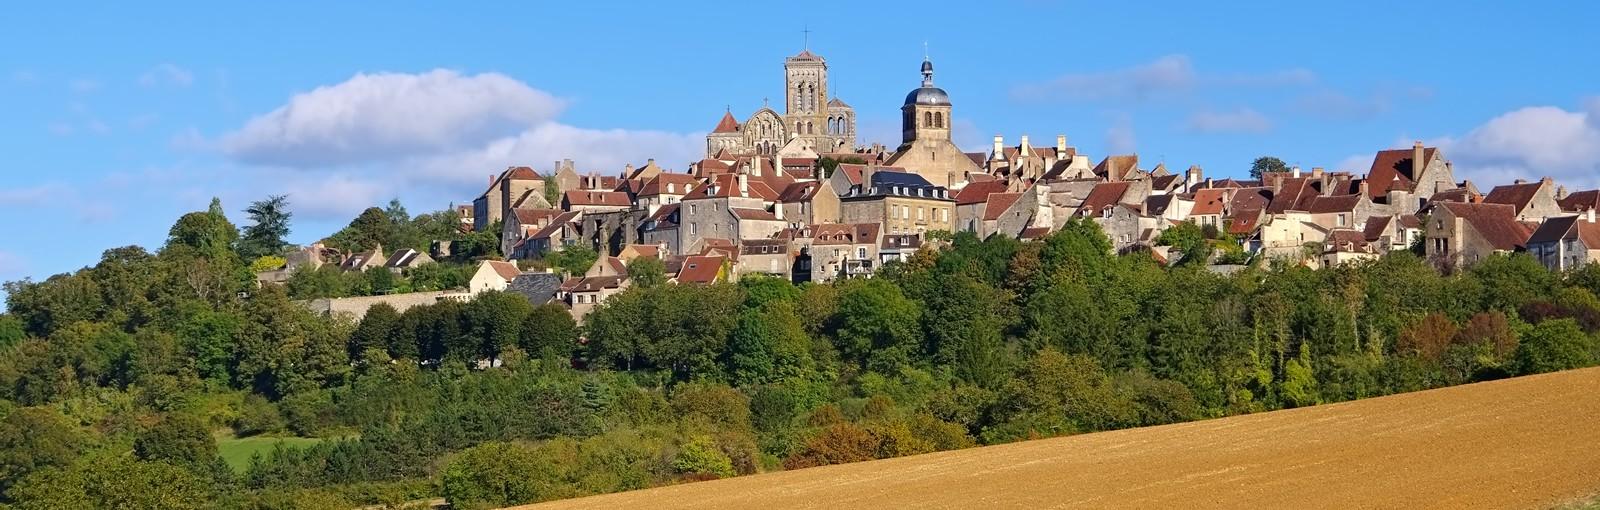 Tours 2 jours en Bourgogne: Auxerre - Chablis et la Côte de Beaune - Bourgogne - Circuits au départ de Paris